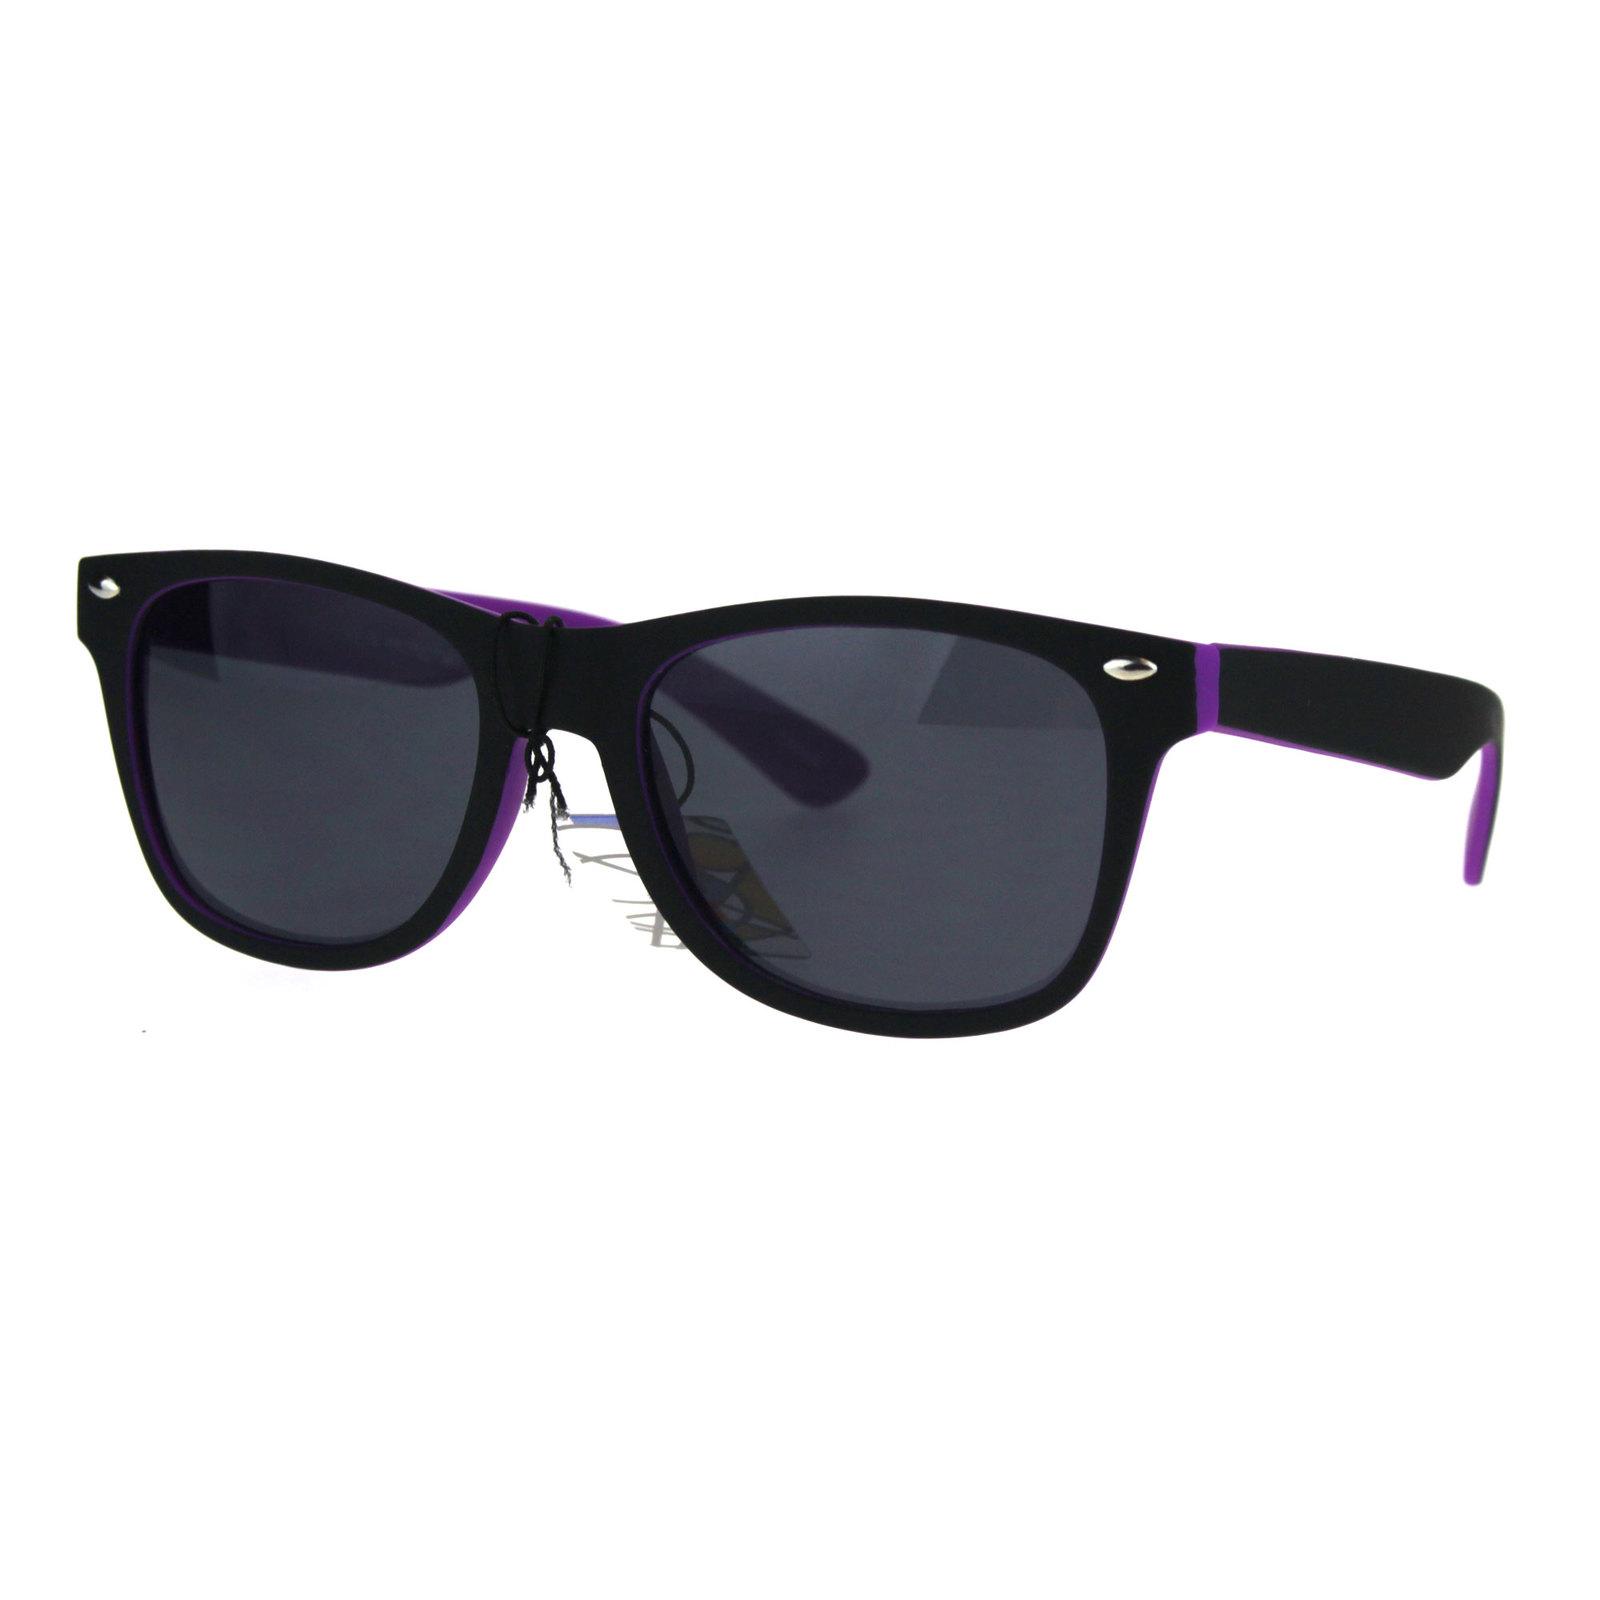 Kids Child Size Classic Pop Color Matte 2 Tone Horn Rim Sunglasses